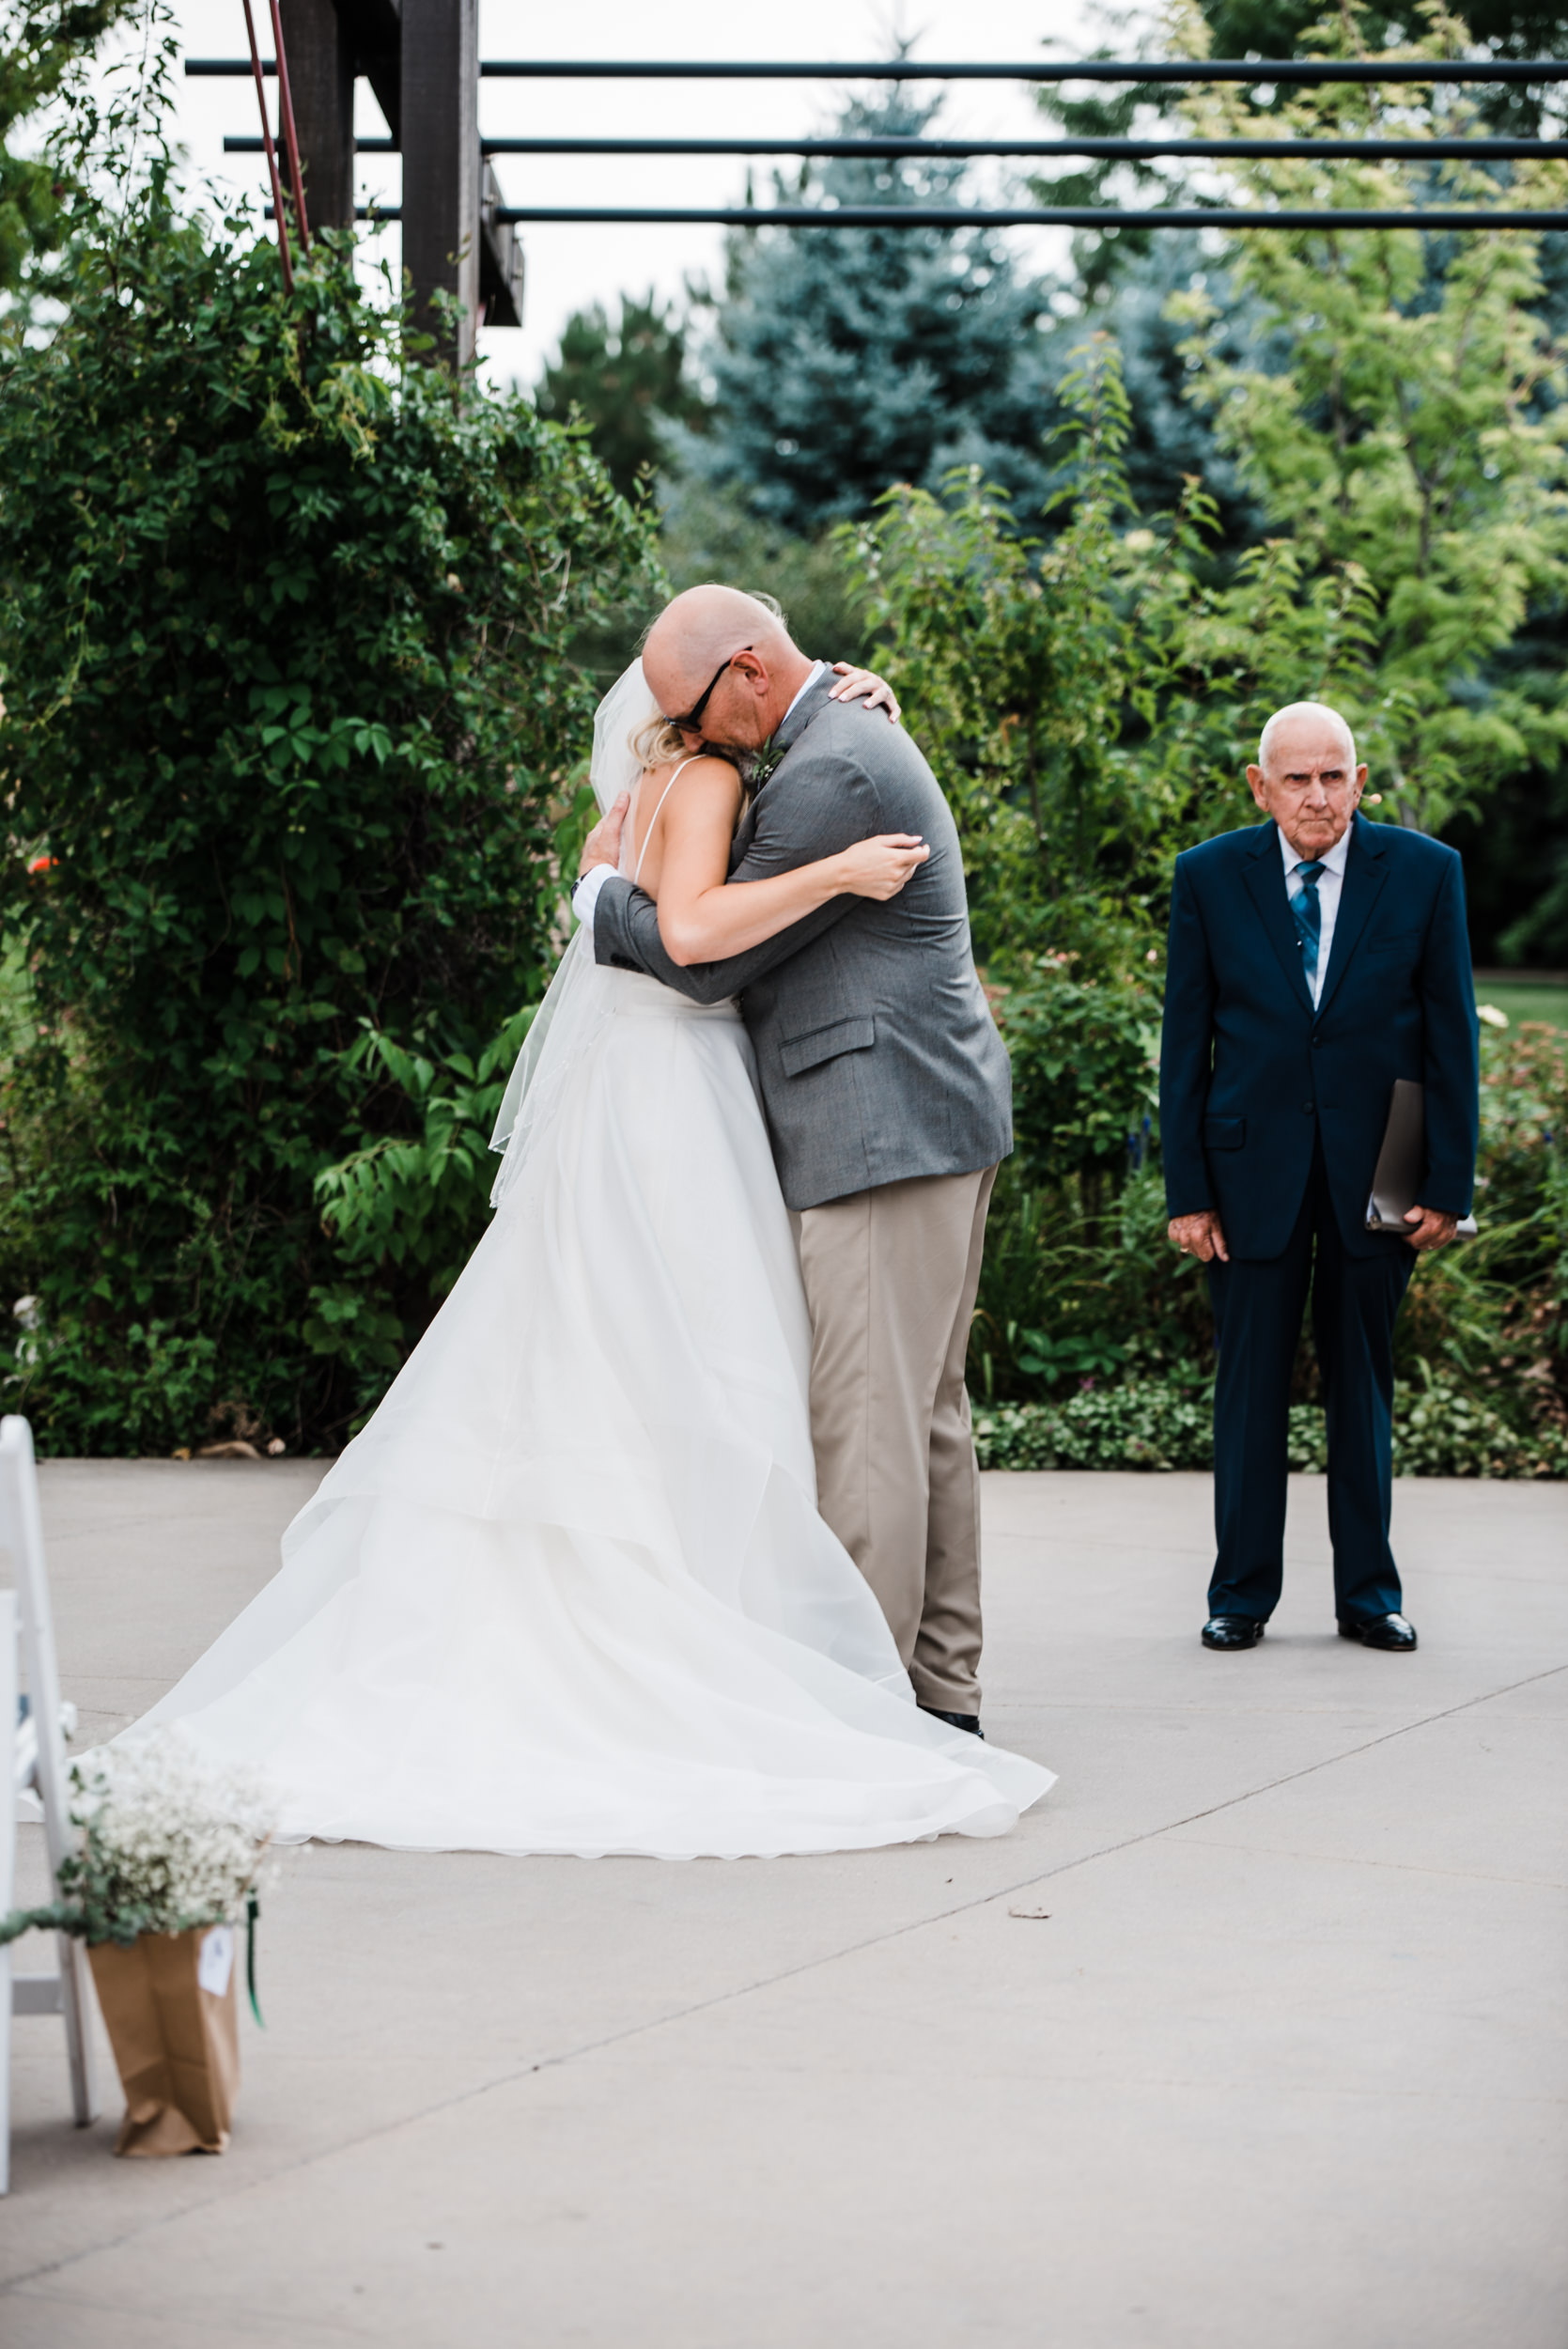 Colorado mountain wedding photographer at Brookeside Gardens father of the bride giving bride away